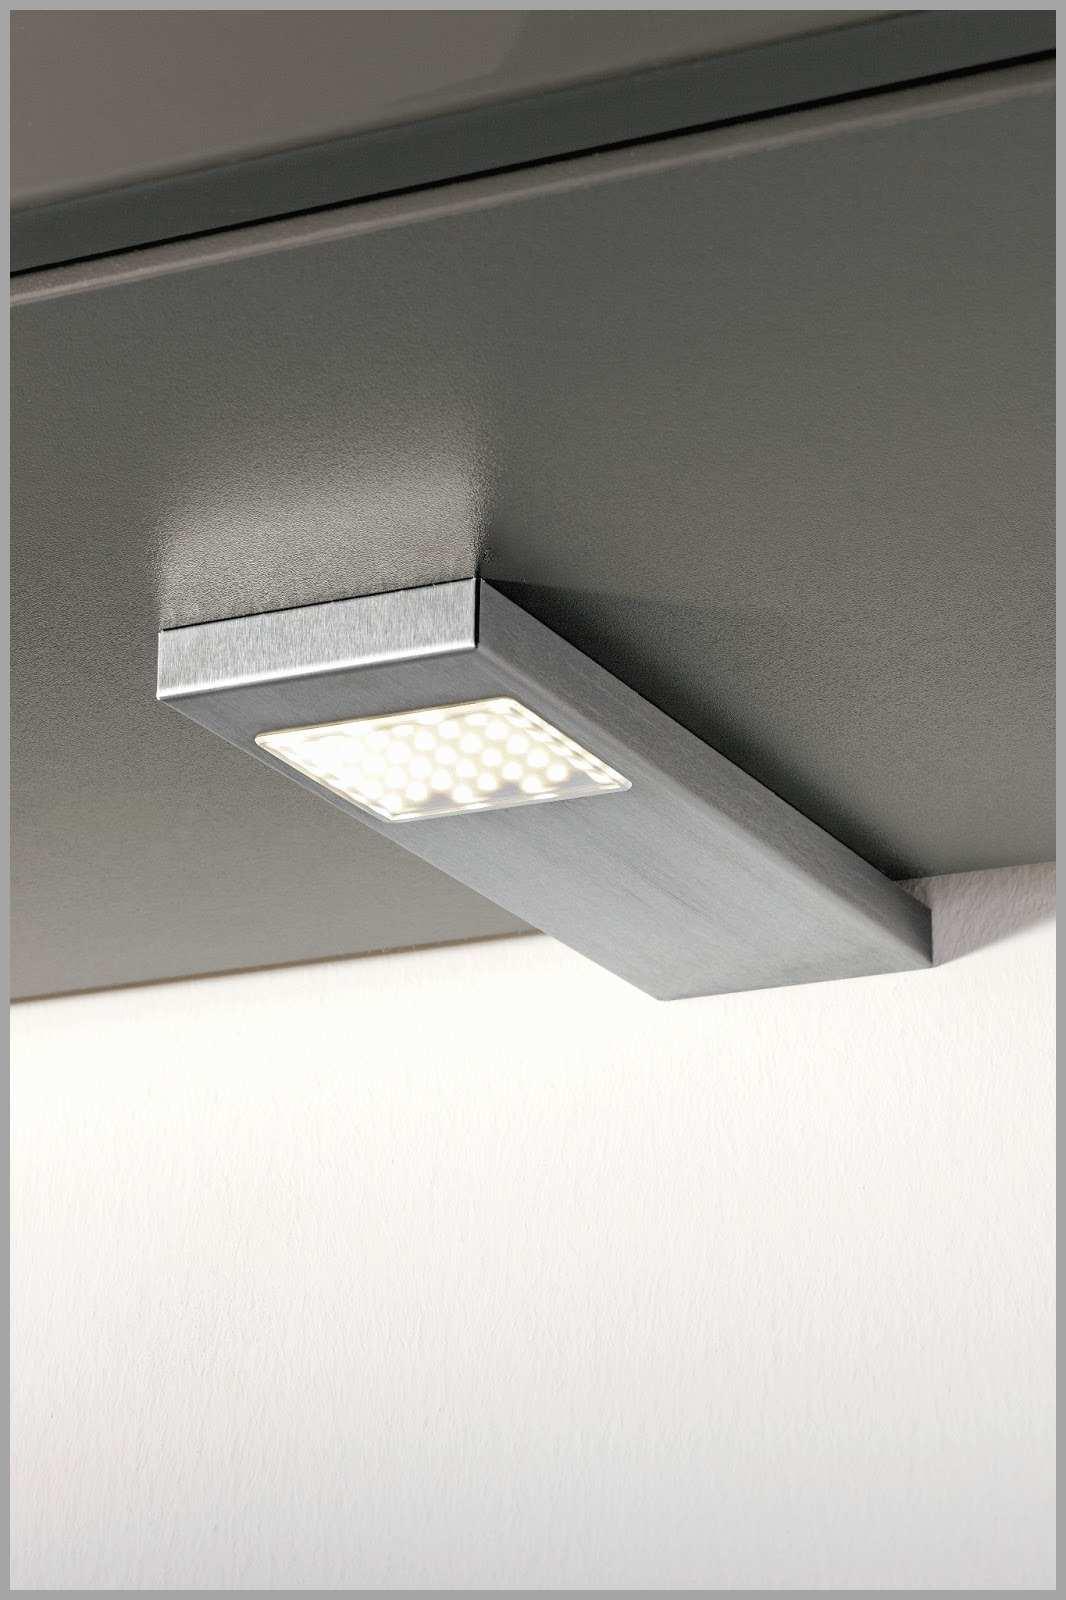 eclairage sous meuble